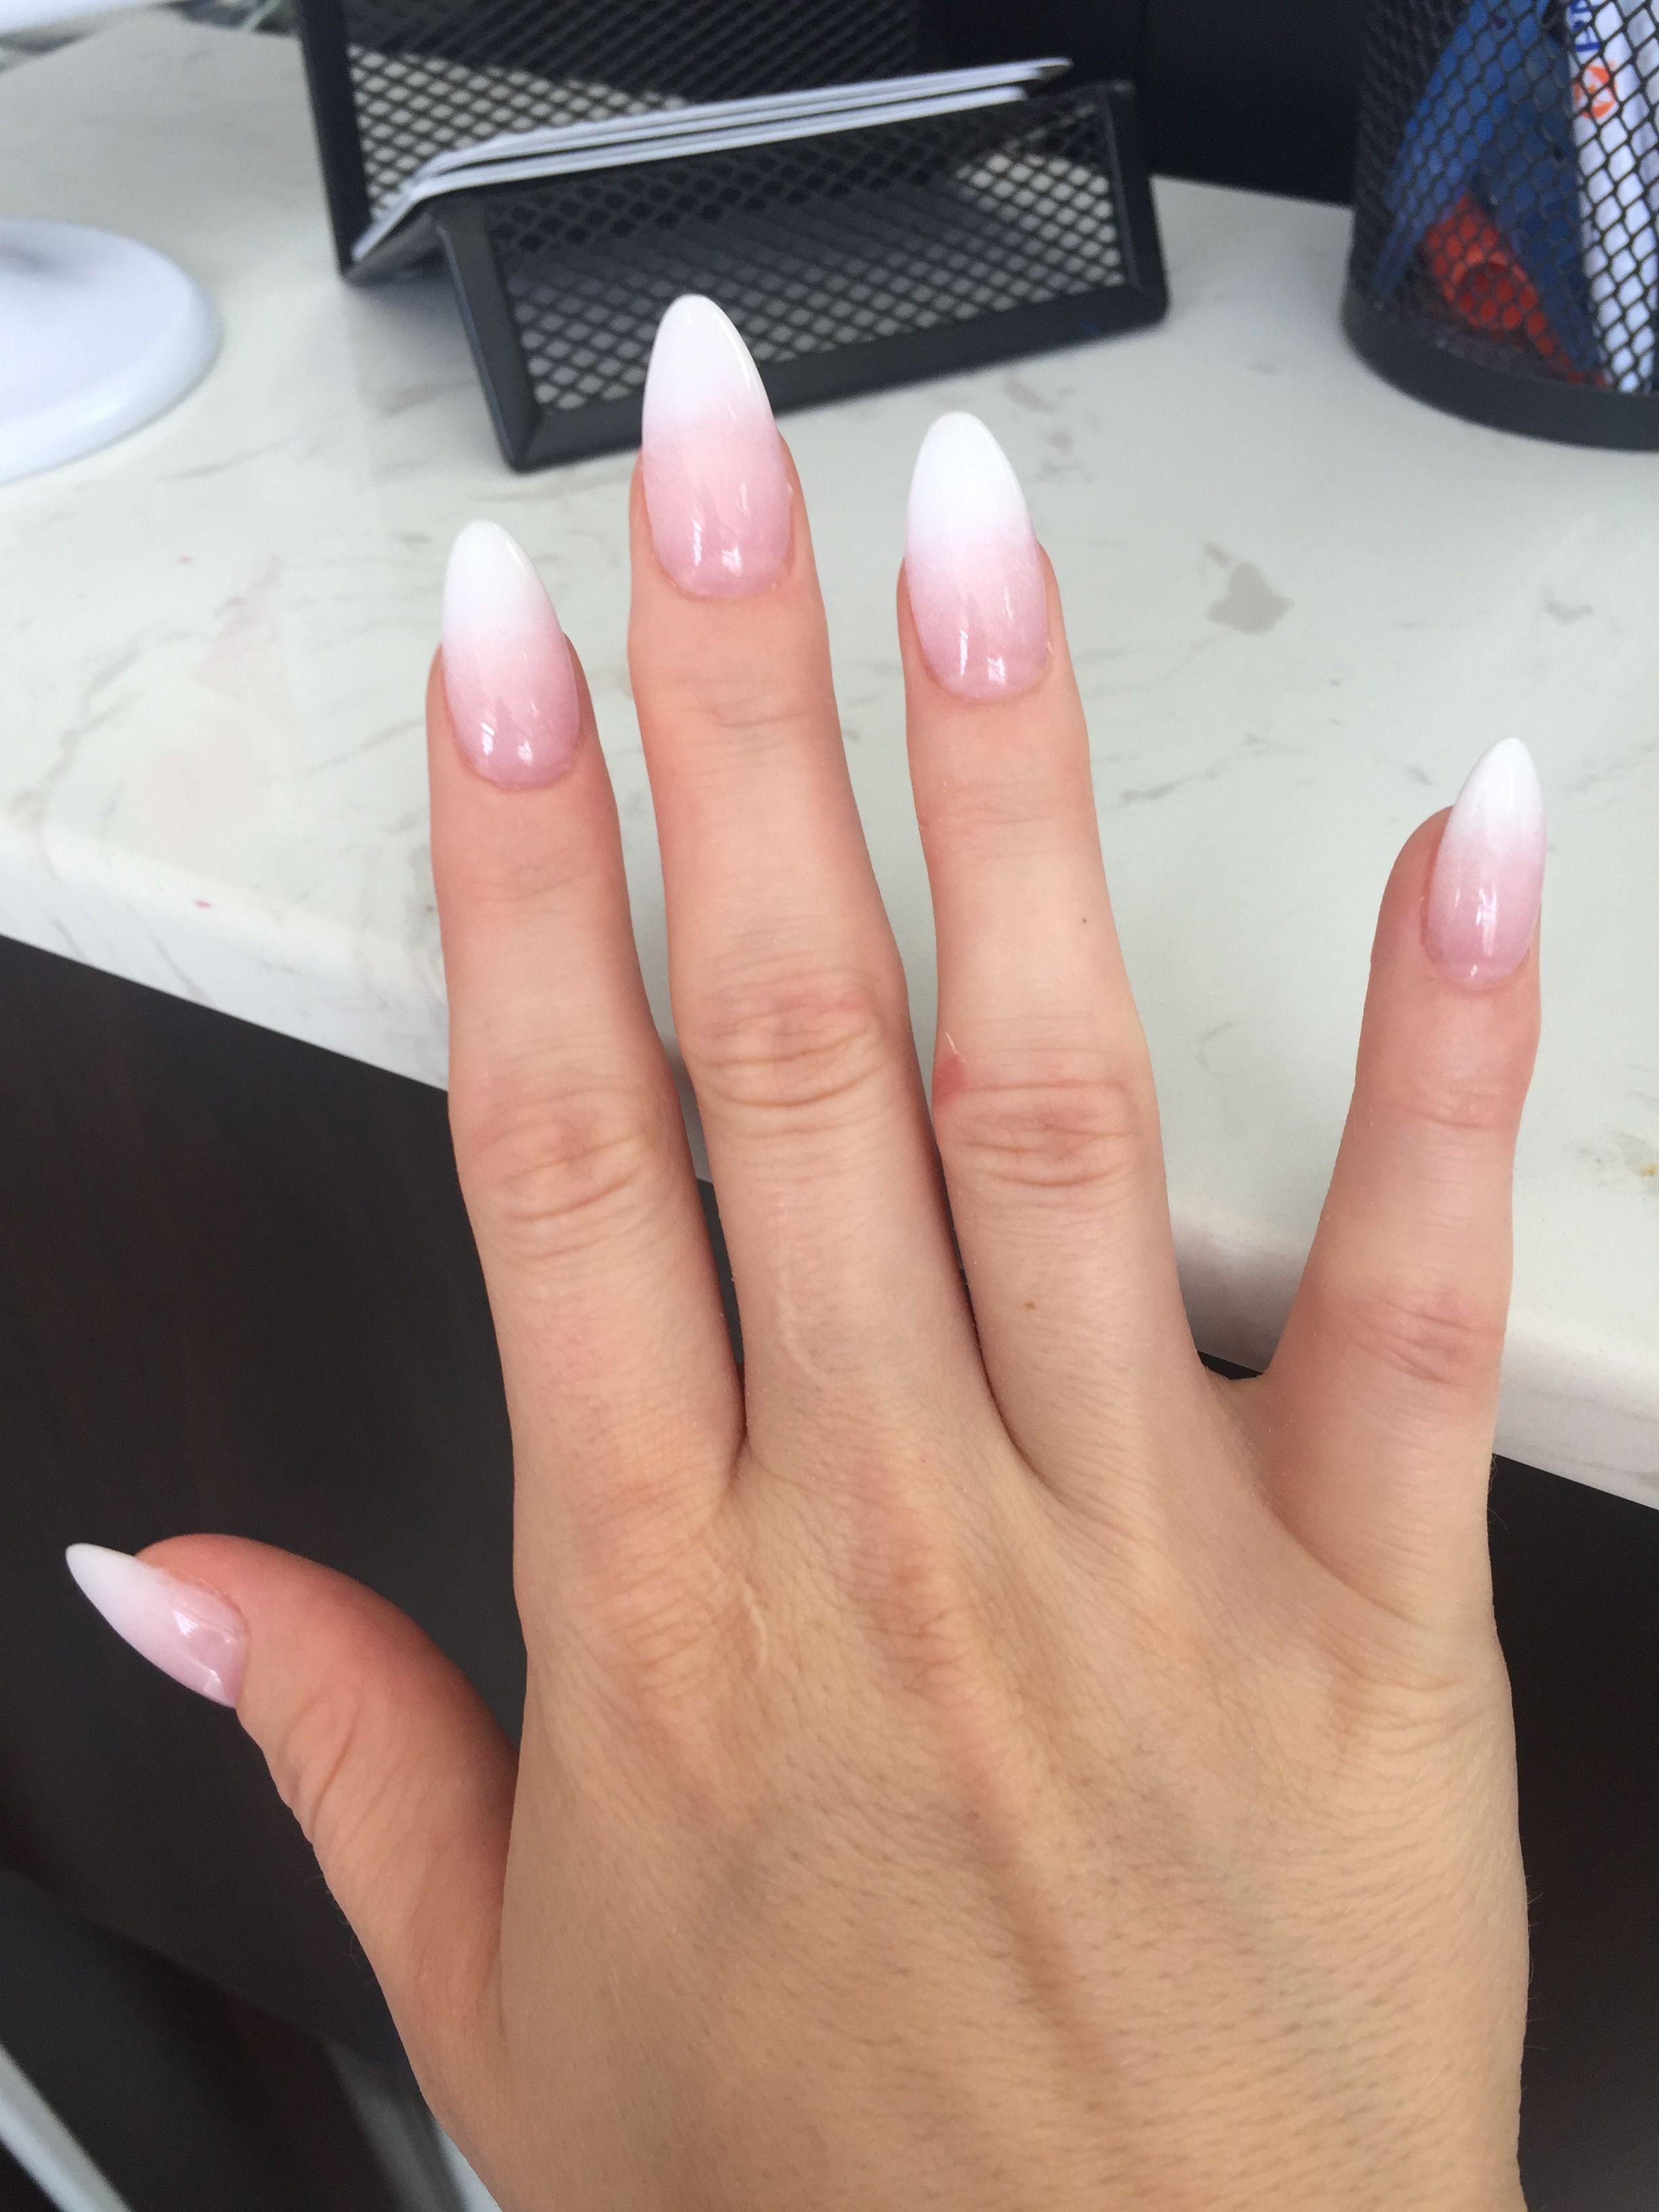 Pin By Stepanka Jelinkova On Nails In 2020 Ombre Nehty Gelove Nehty Francouzska Manikura